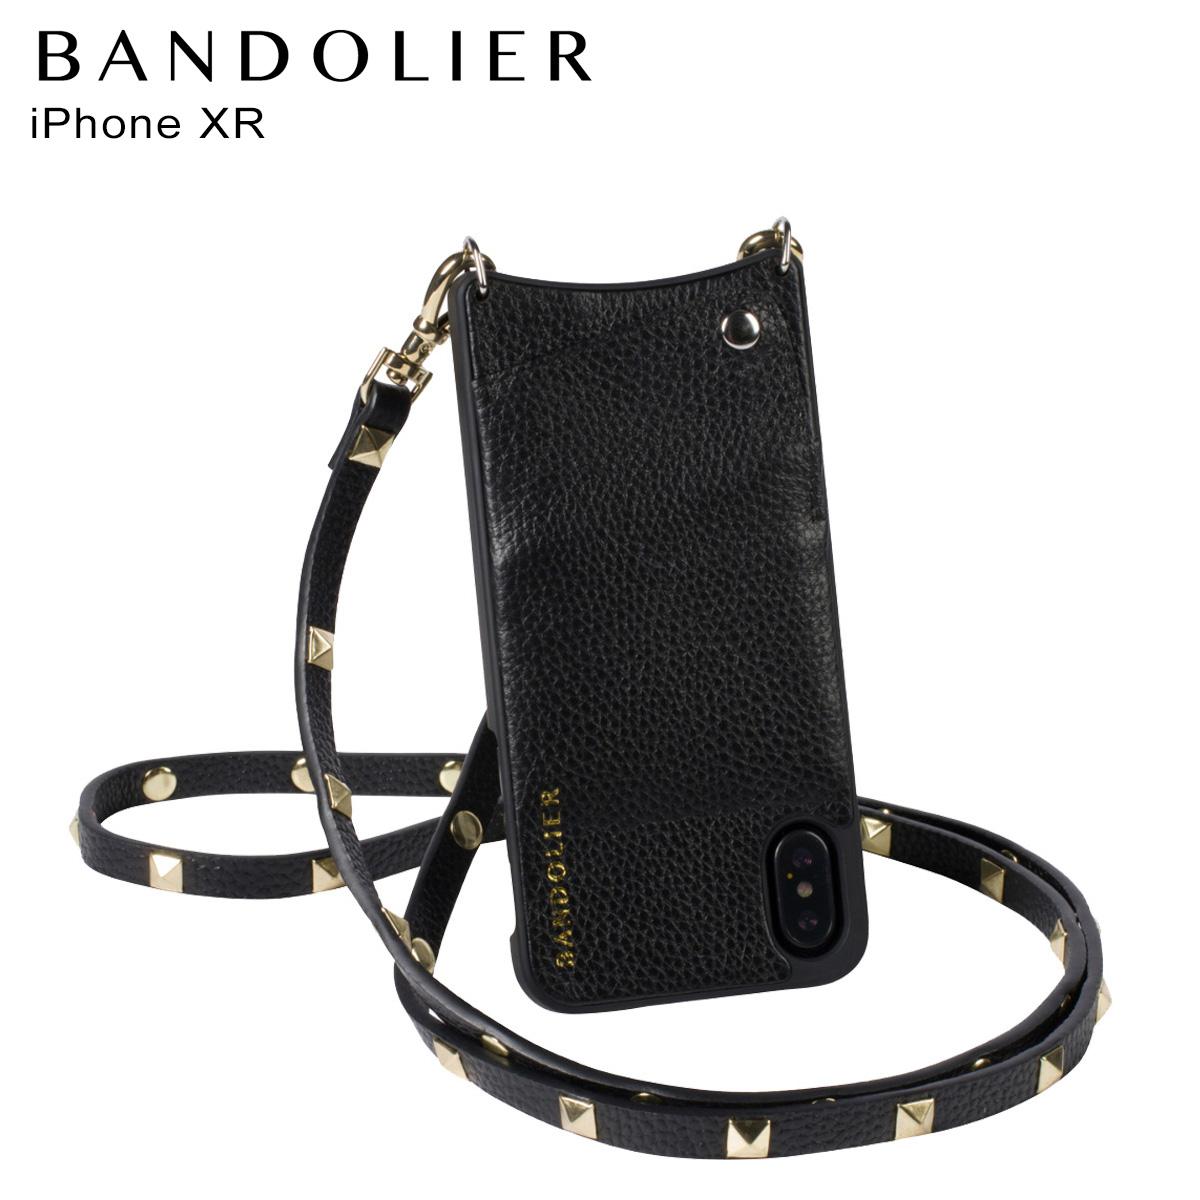 BANDOLIER iPhone XR SARAH GOLD バンドリヤー ケース ショルダー スマホ アイフォン レザー メンズ レディース ブラック 10SAR1001 [3/18 再入荷]